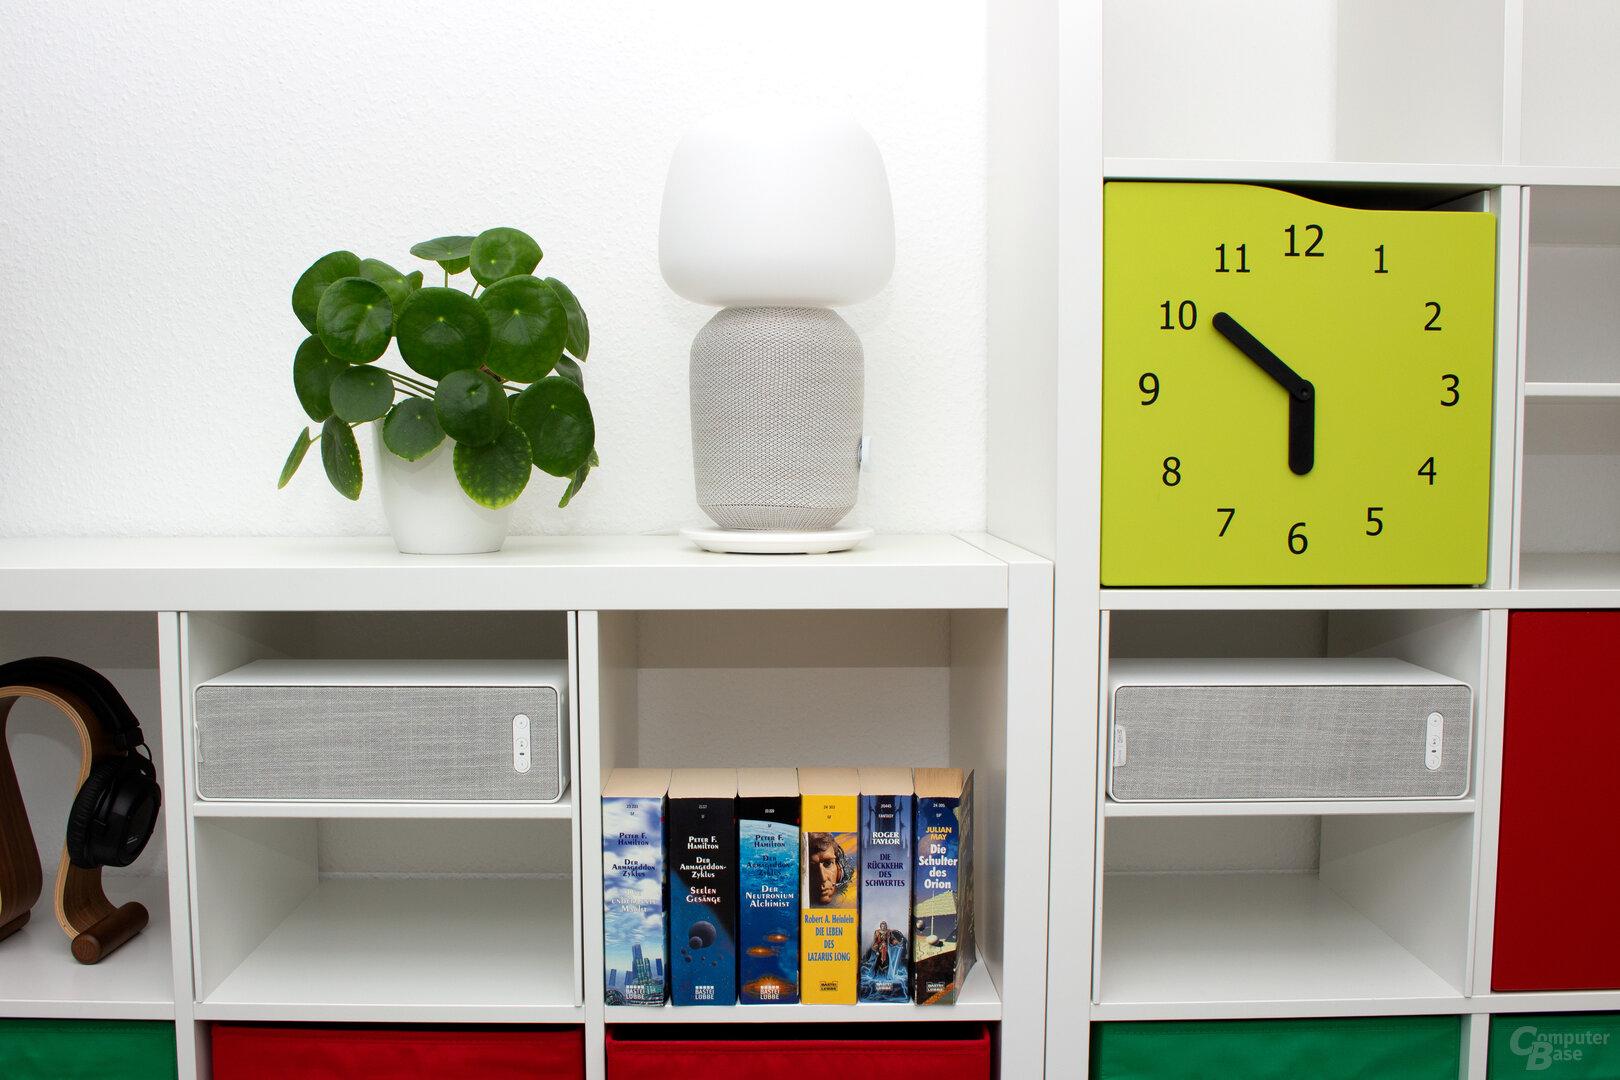 Die Symfonisk-Lautsprecher passen sich wie von Ikea gewohnt den eigenen Möbel nahtlos an